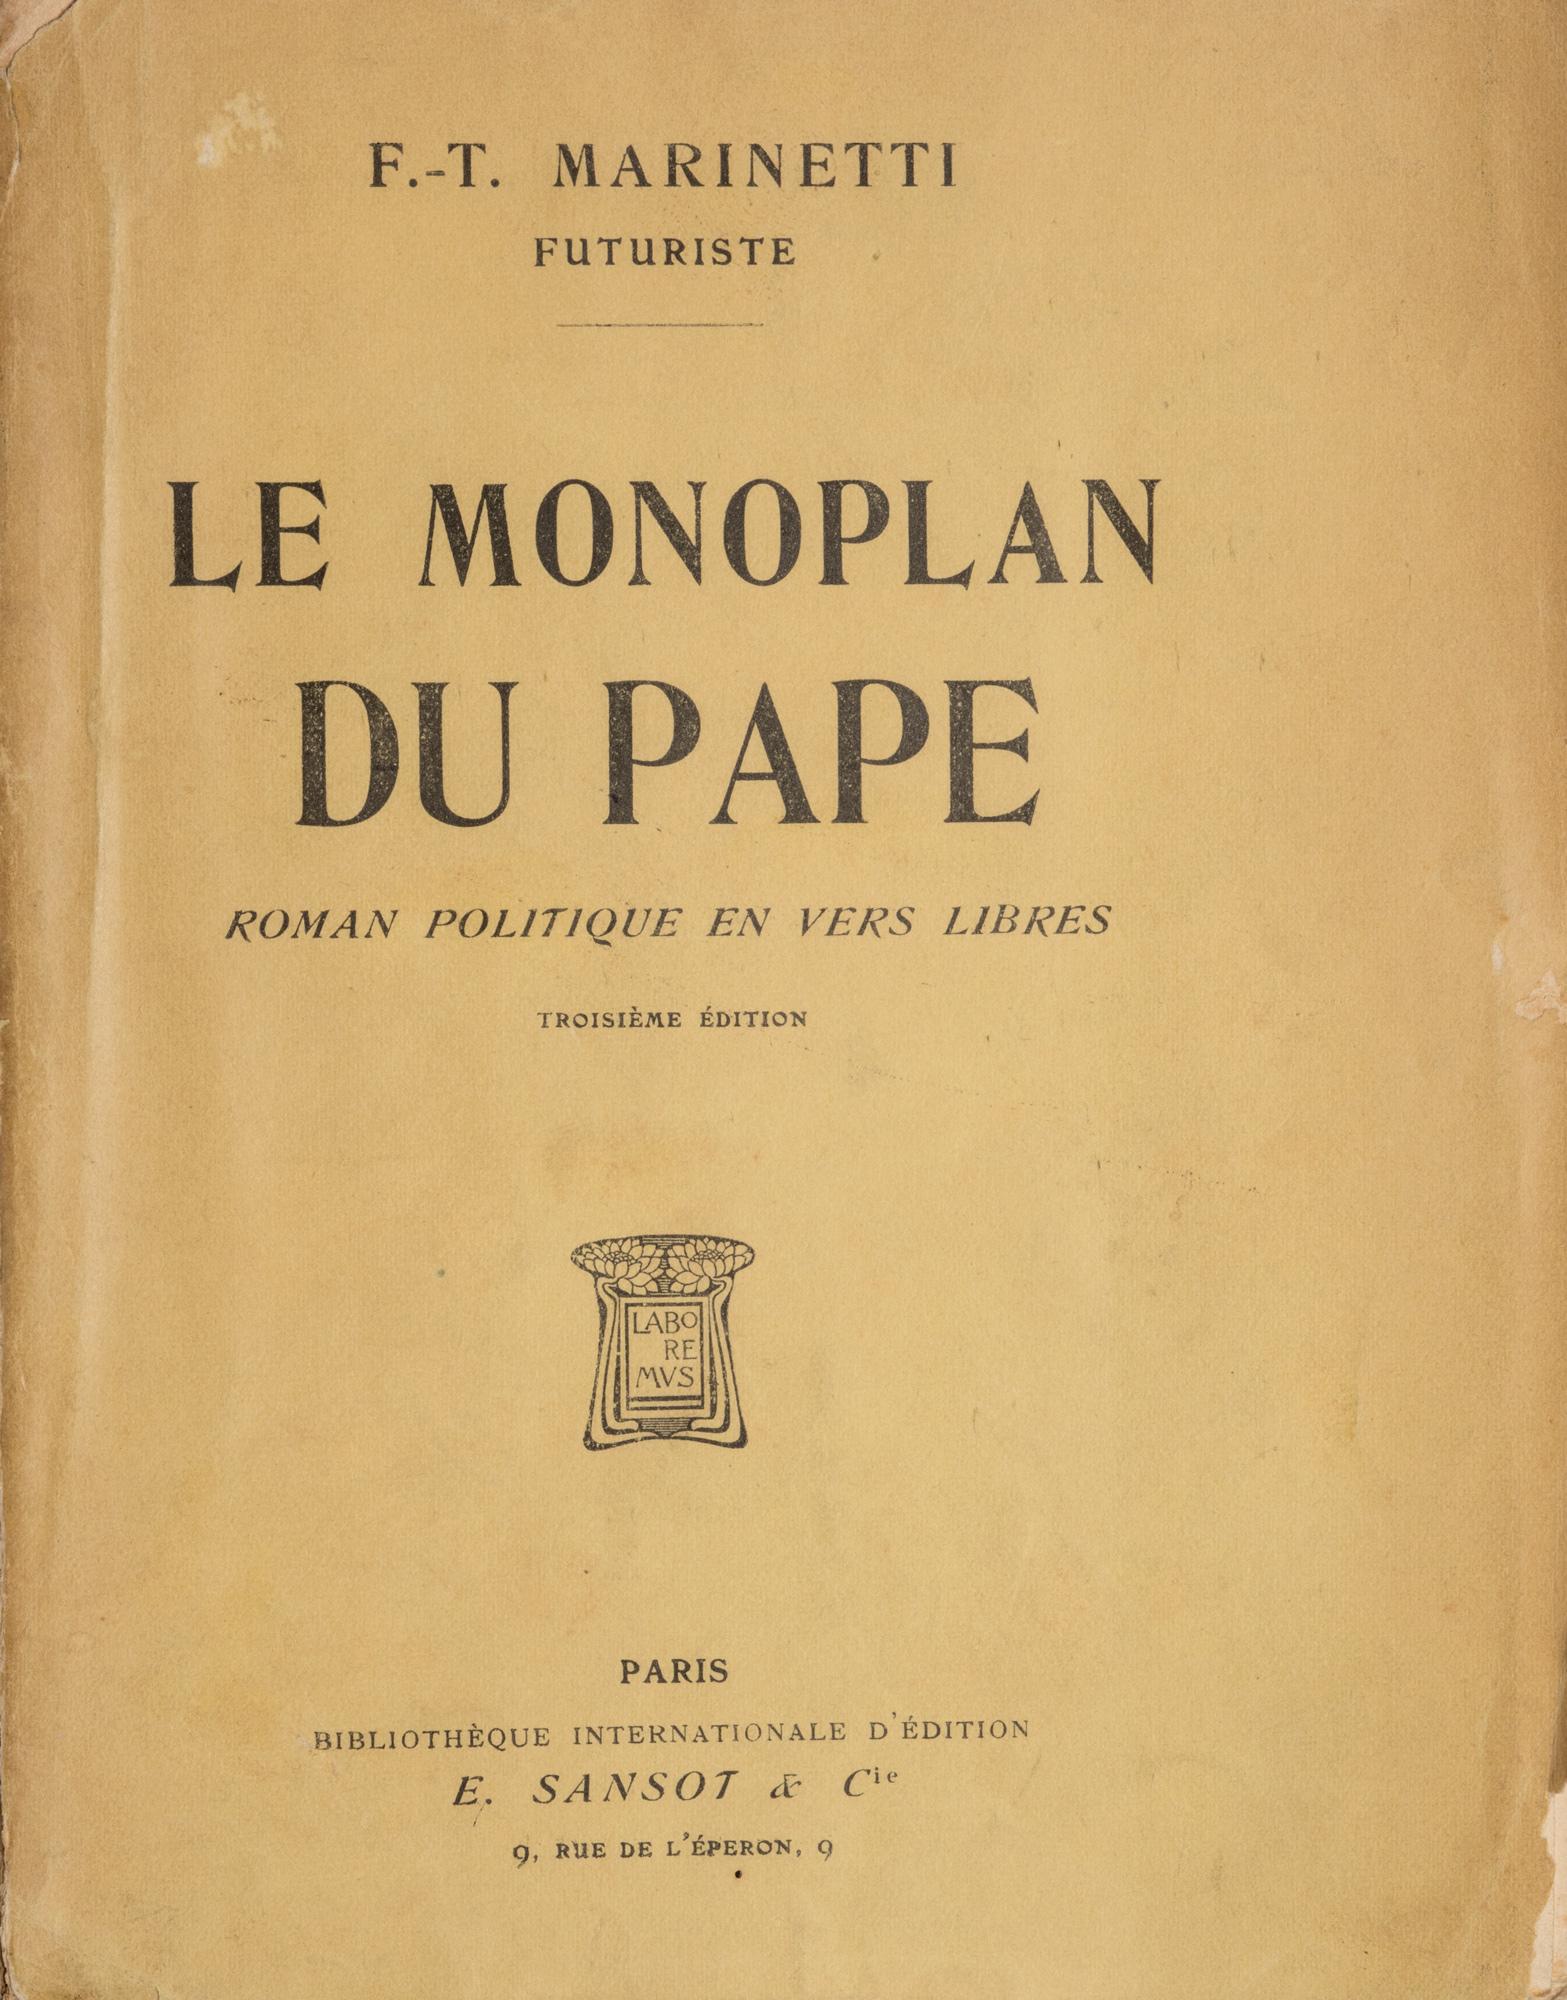 Le Monoplan du Pape. Roman politique en vers libres